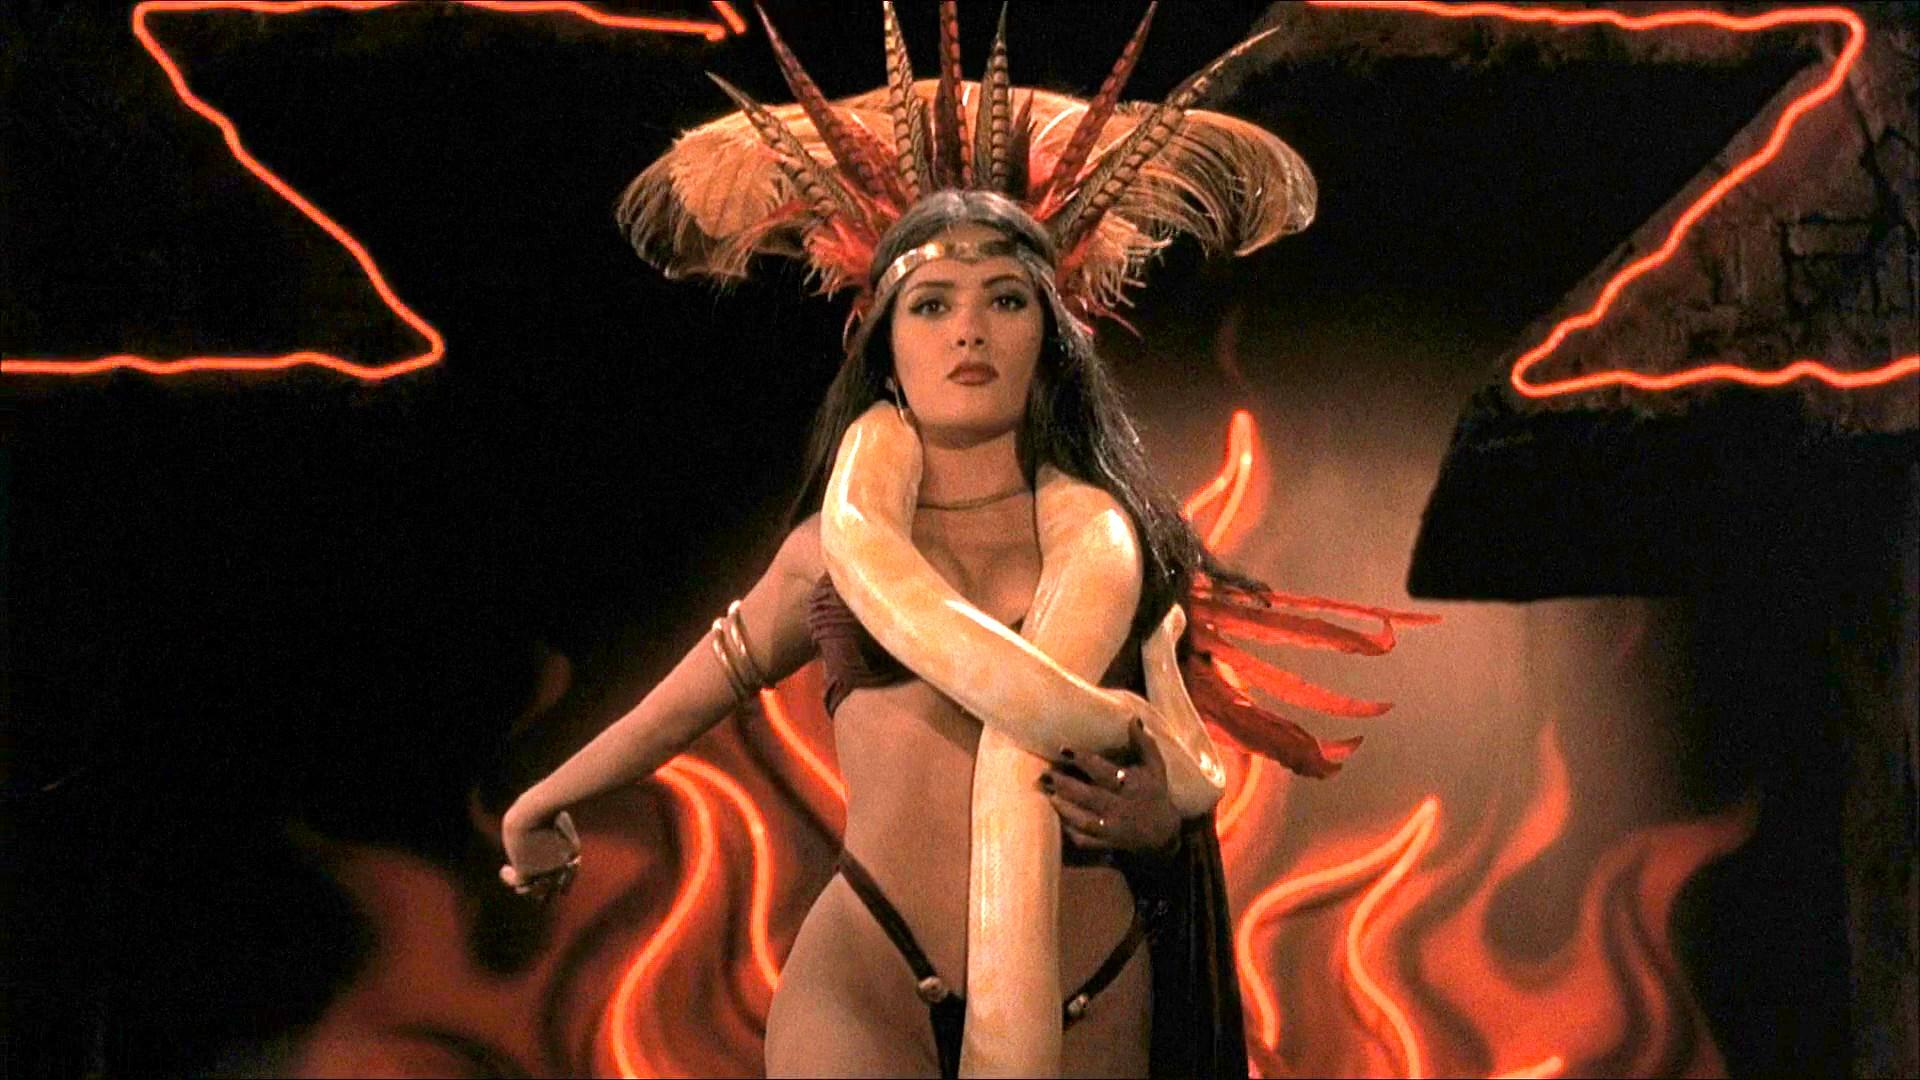 Salma Hayek y uno de los bailes mas sexys del cine de terror